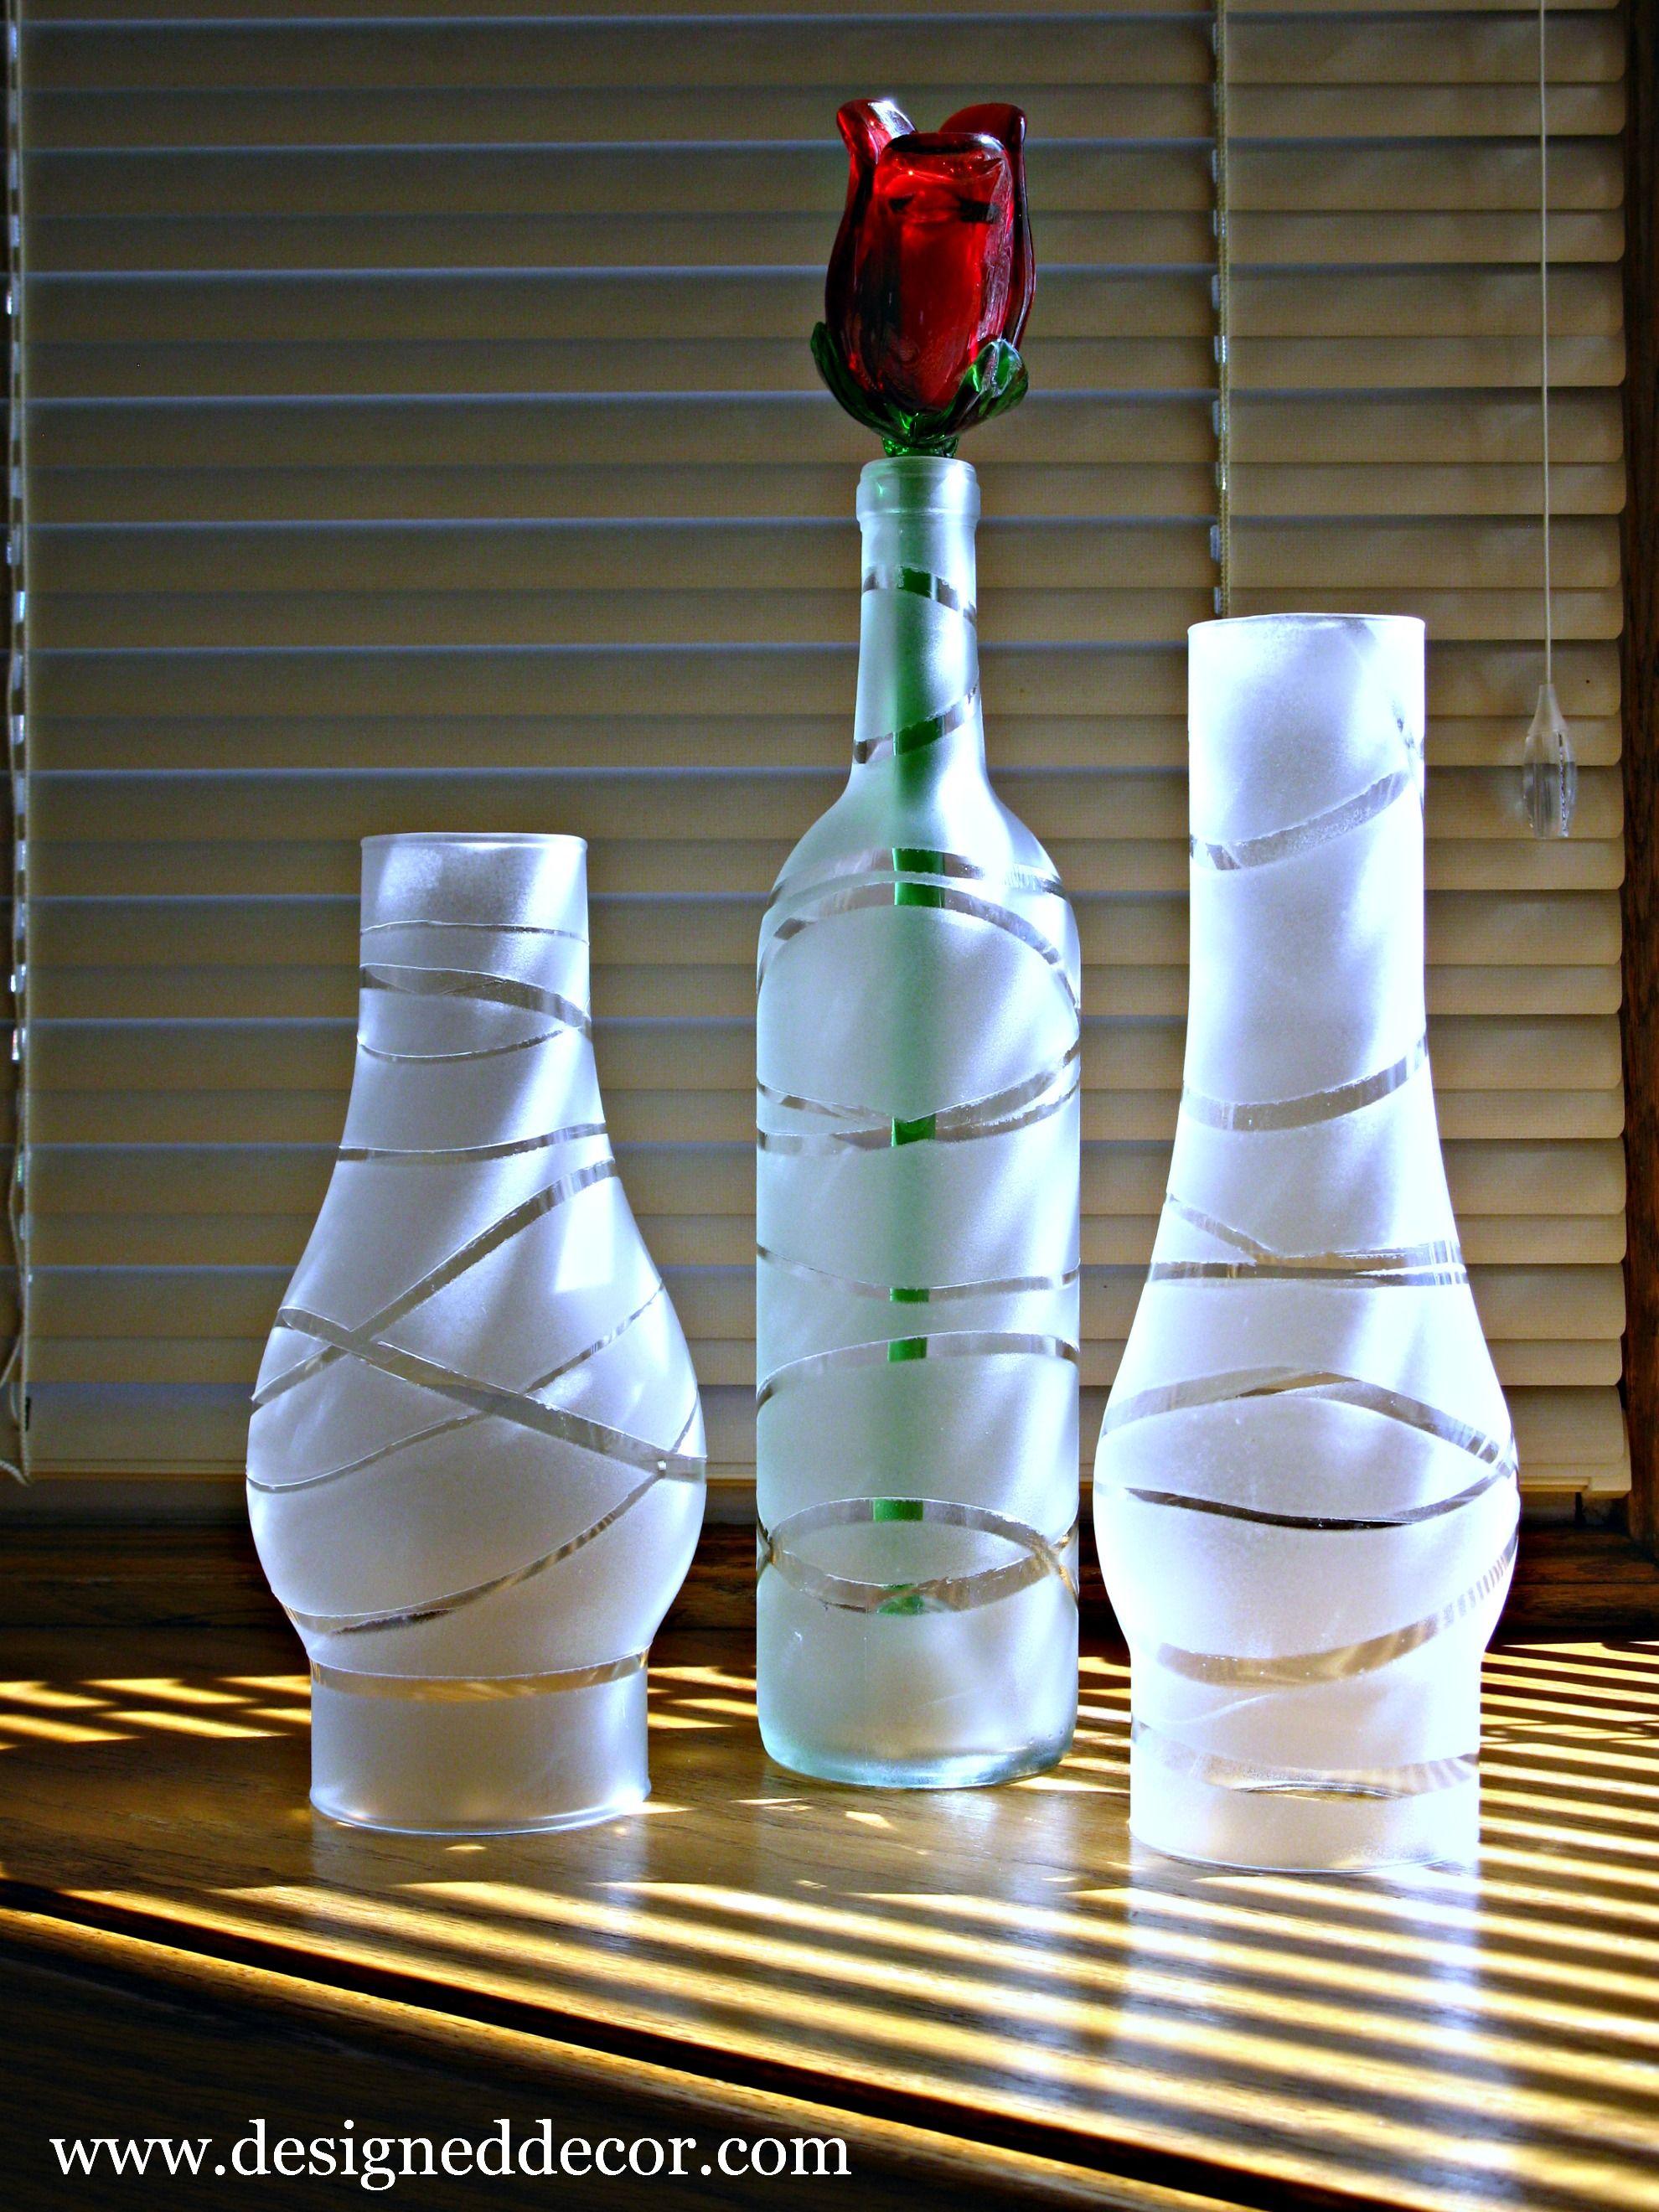 diy painted jars and bottles painted jars bottle. Black Bedroom Furniture Sets. Home Design Ideas